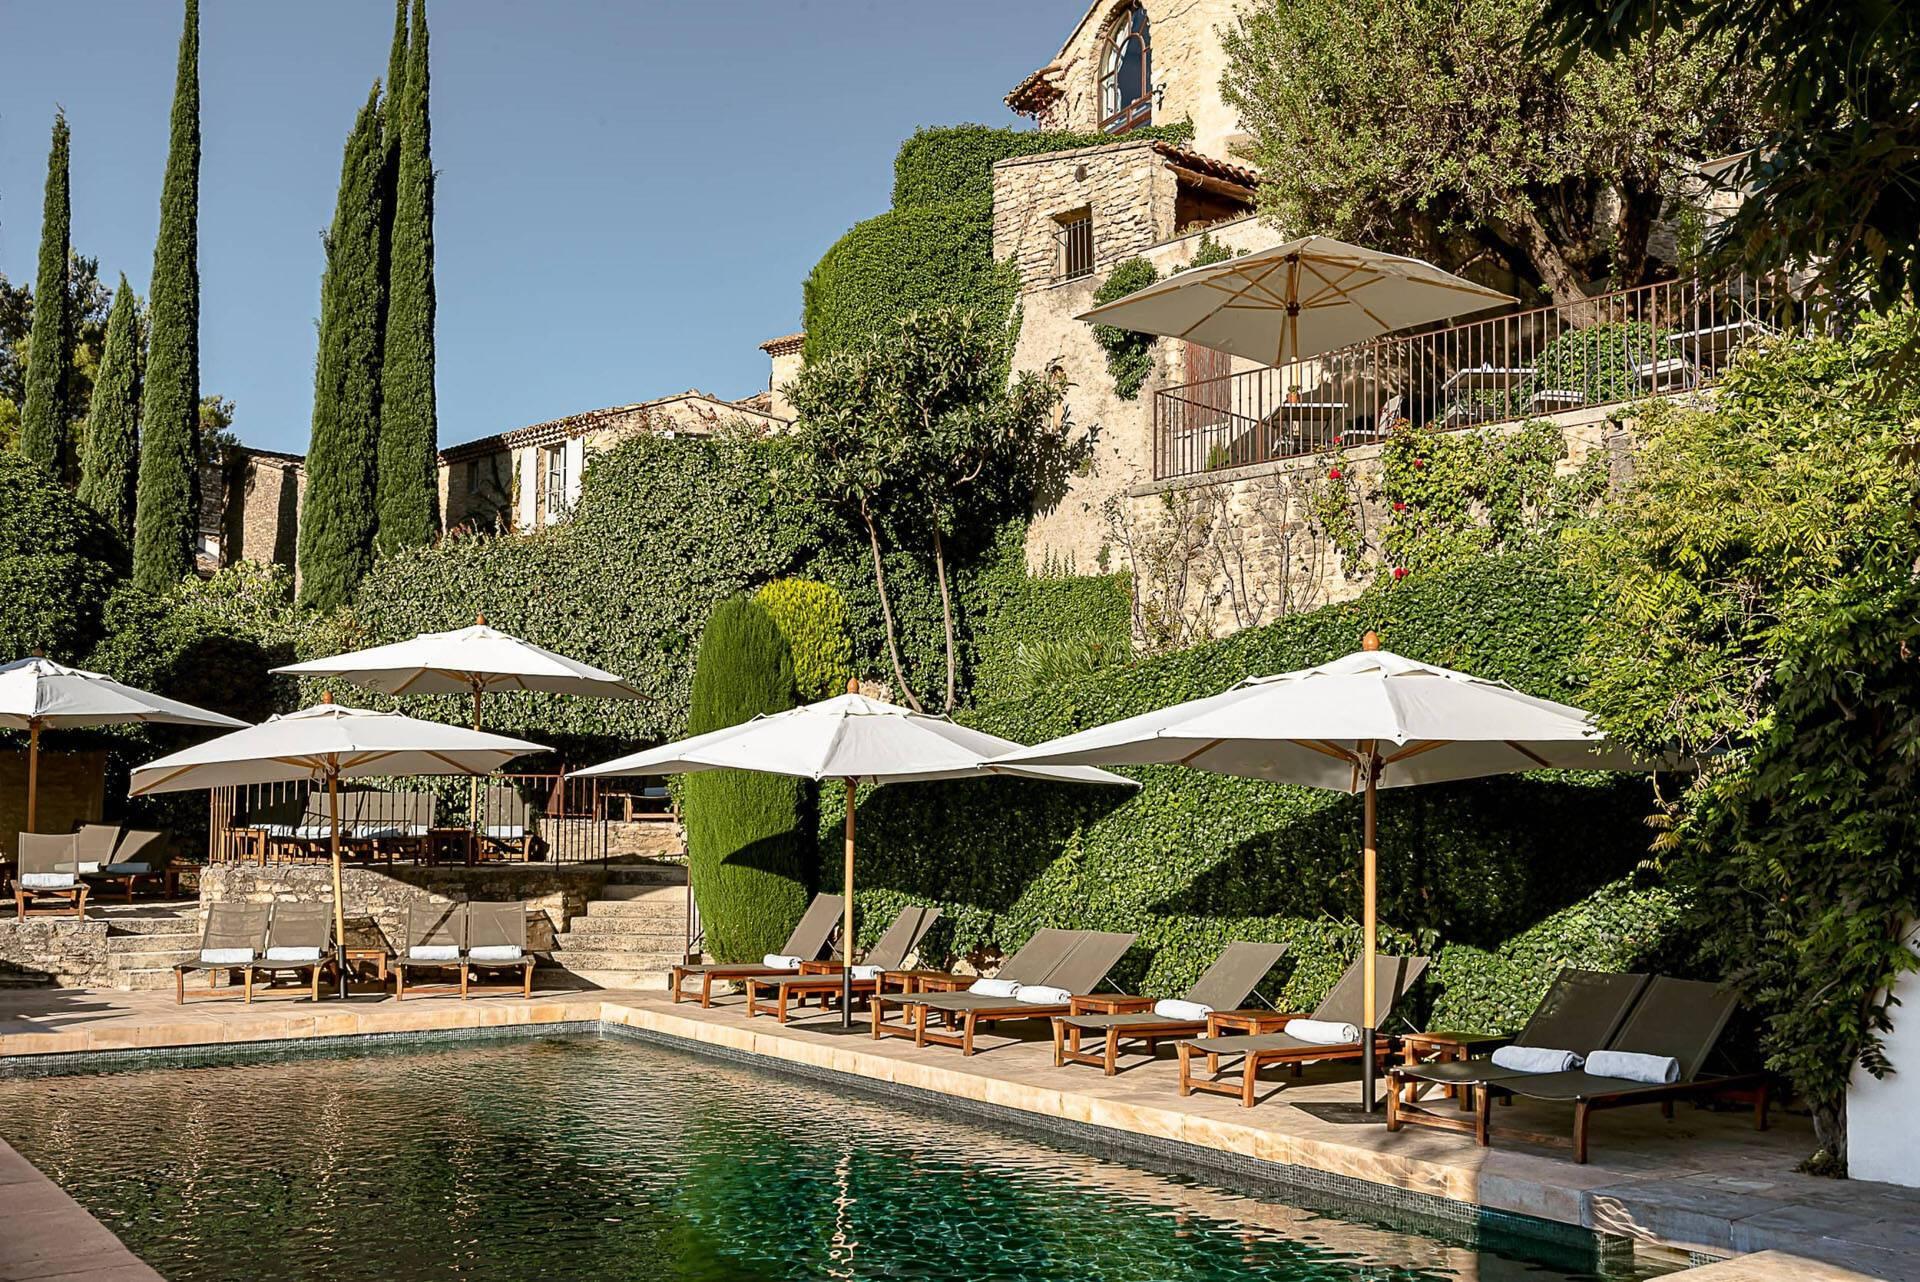 Hotel Crillon Le Brave Provence P Locqueneux Piscine